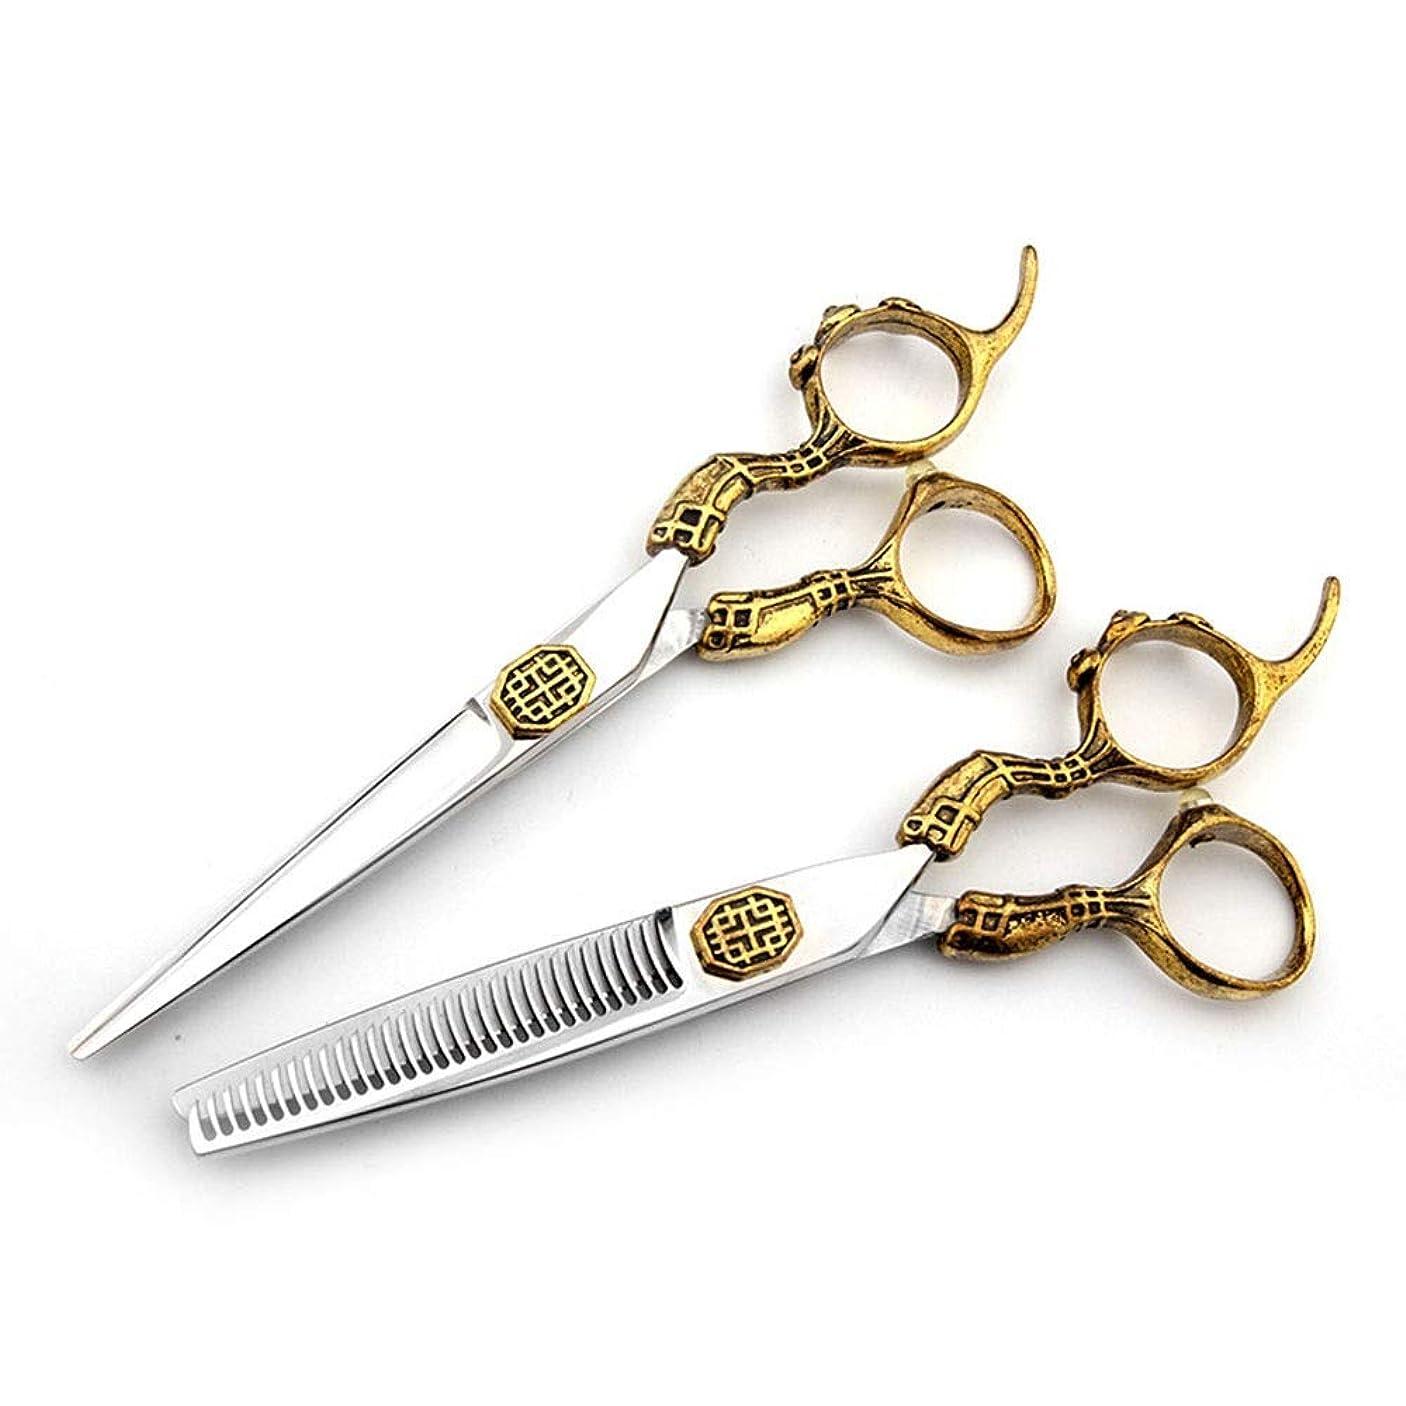 トラクター人柄一月Goodsok-jp 6インチの美容院の専門のヘアカットの金の贅沢で平らなはさみの歯のせん断セット (色 : ゴールド)